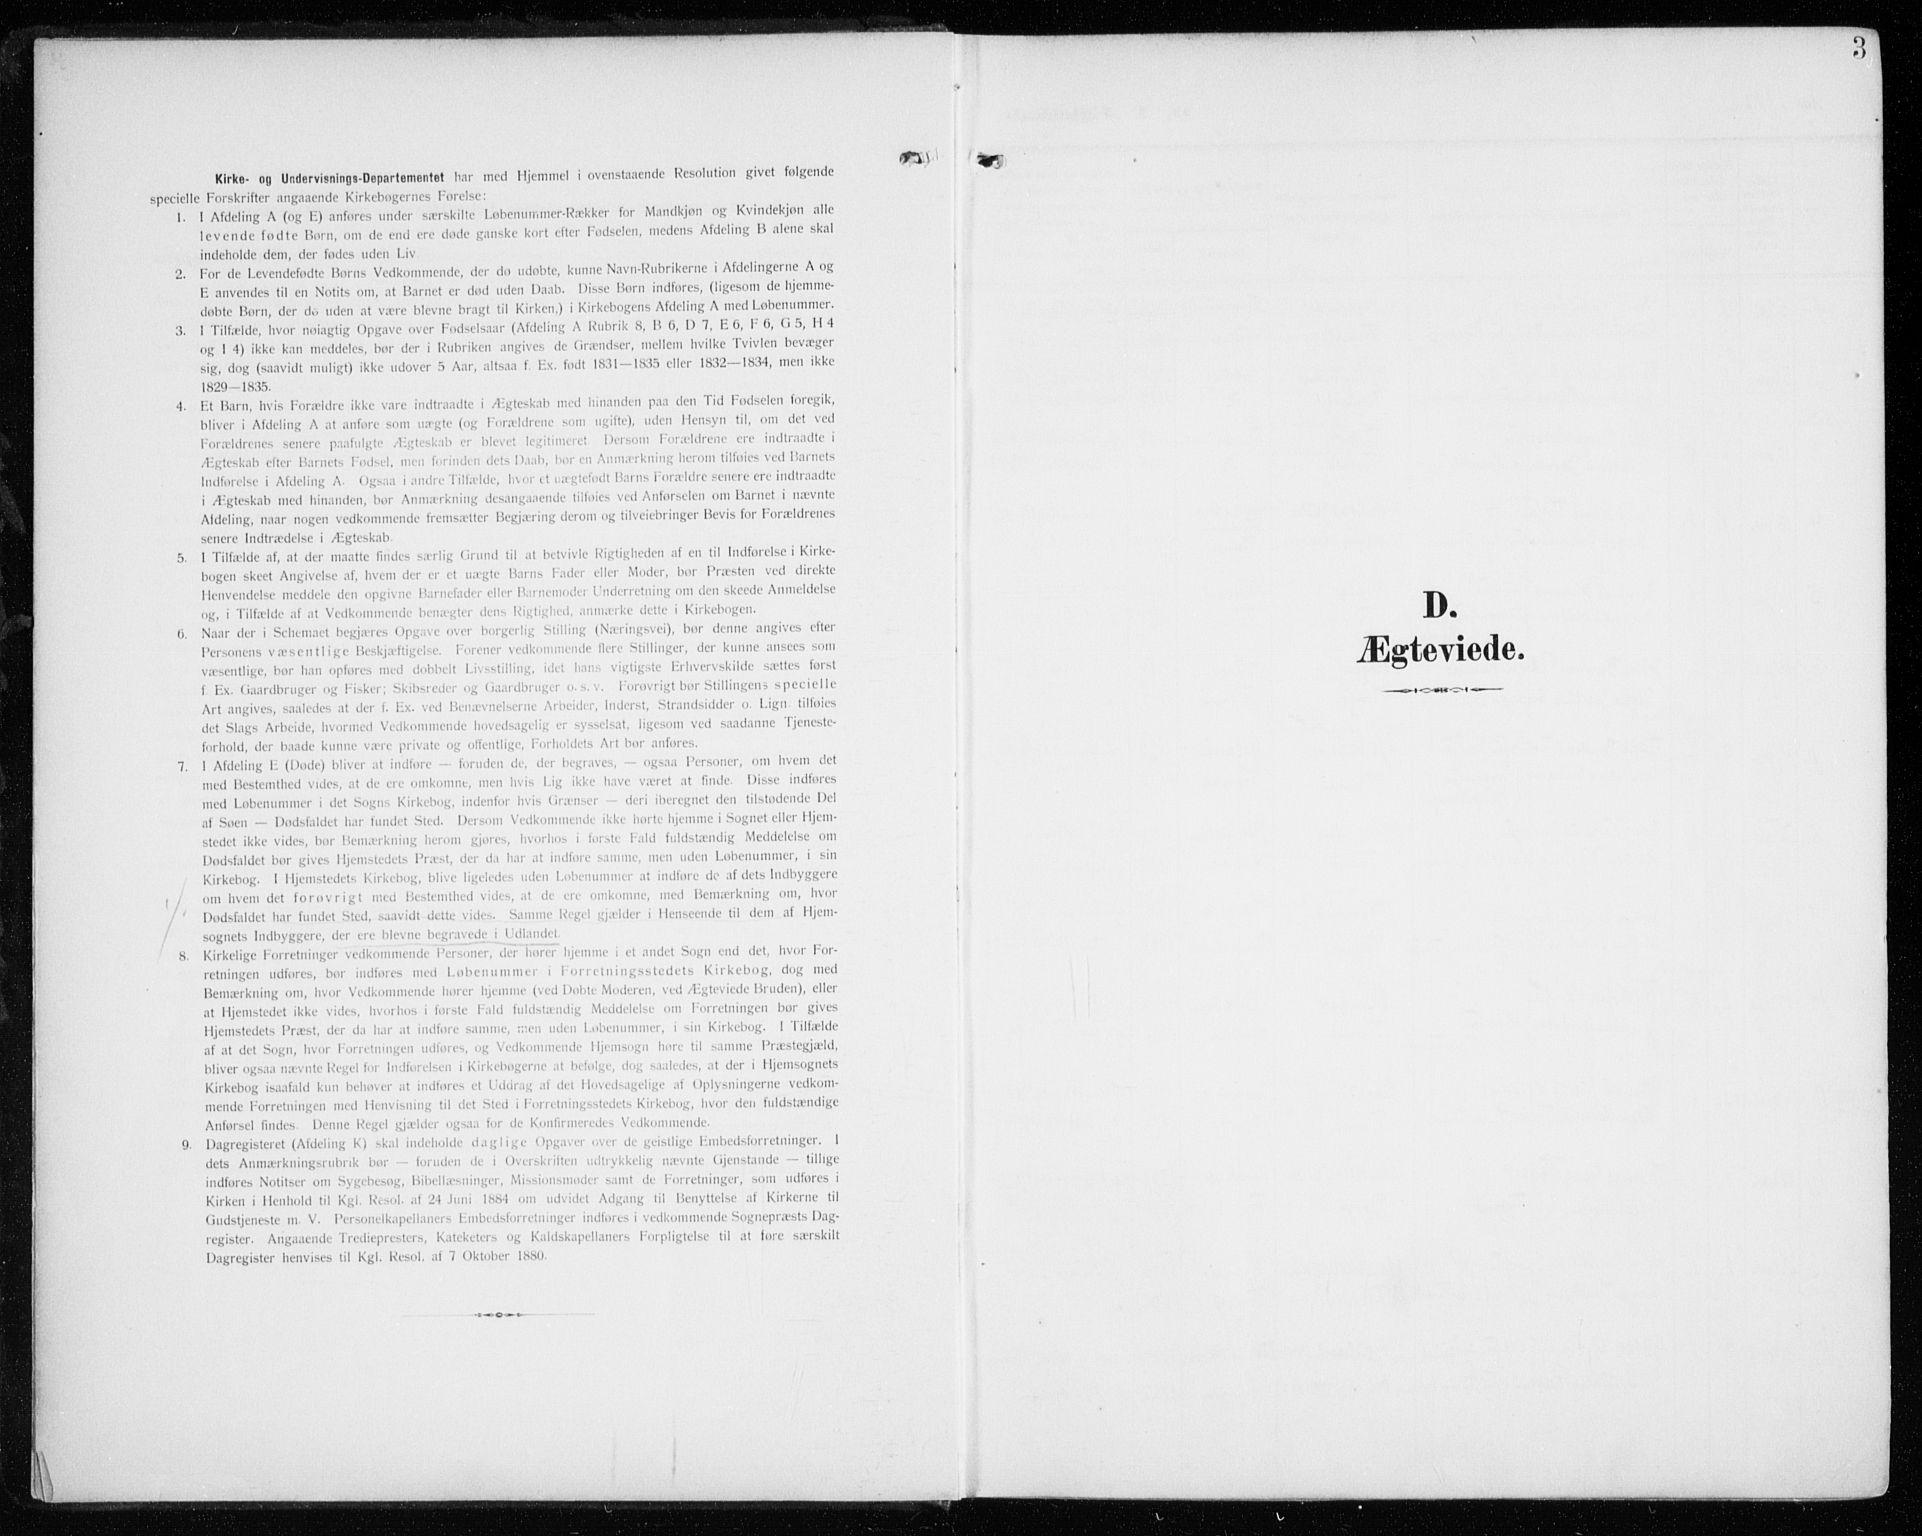 SATØ, Tromsø sokneprestkontor/stiftsprosti/domprosti, G/Ga/L0018kirke: Ministerialbok nr. 18, 1907-1917, s. 3